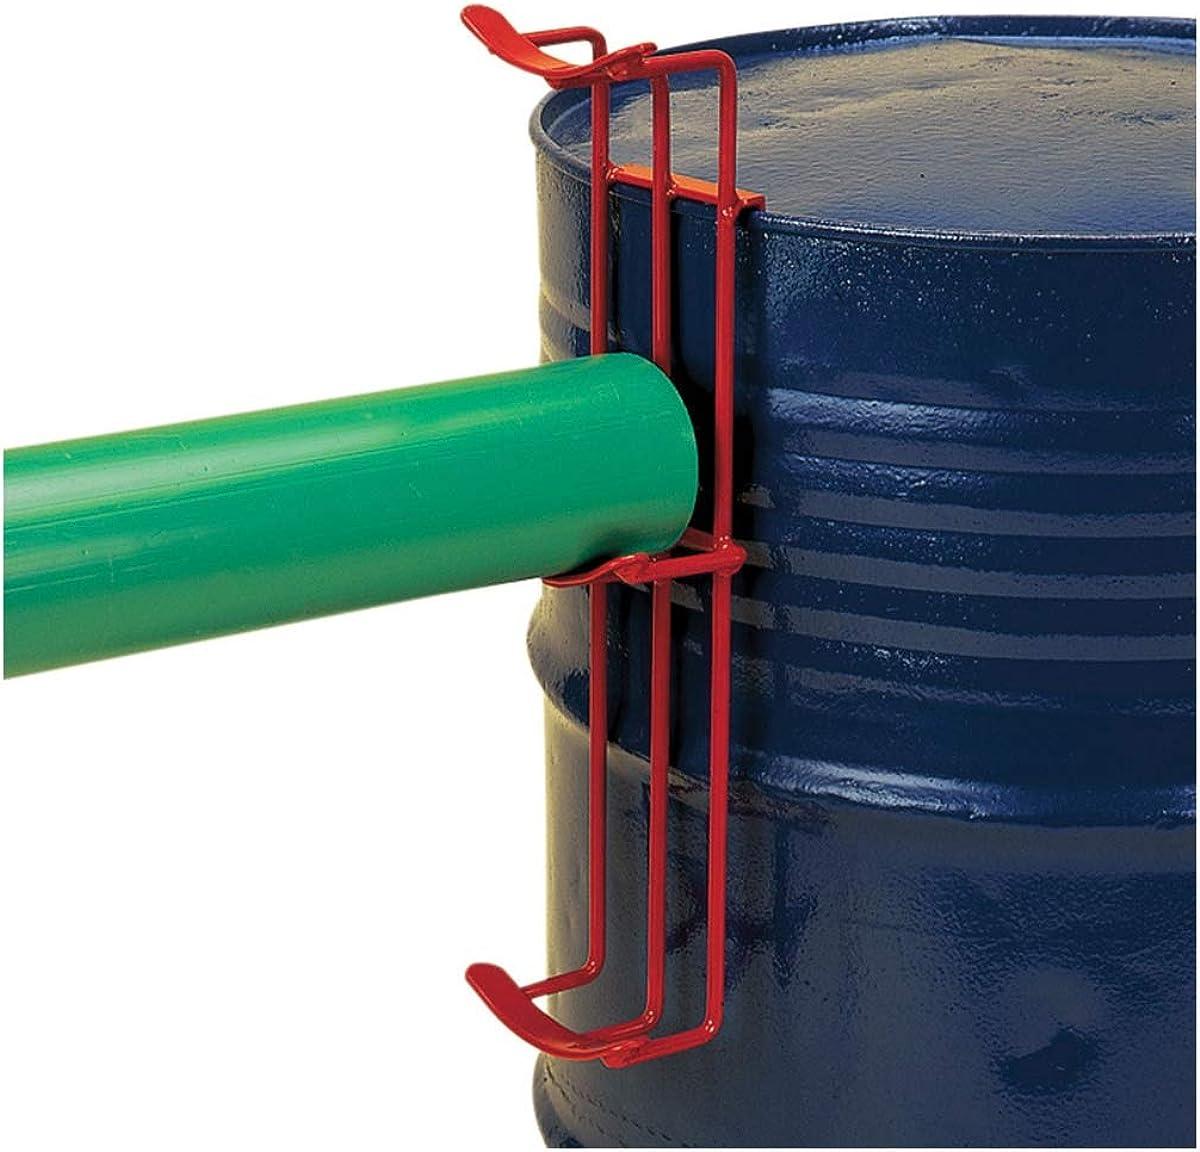 Stubbs Barrel Jump Department store Regular dealer Pair Cups